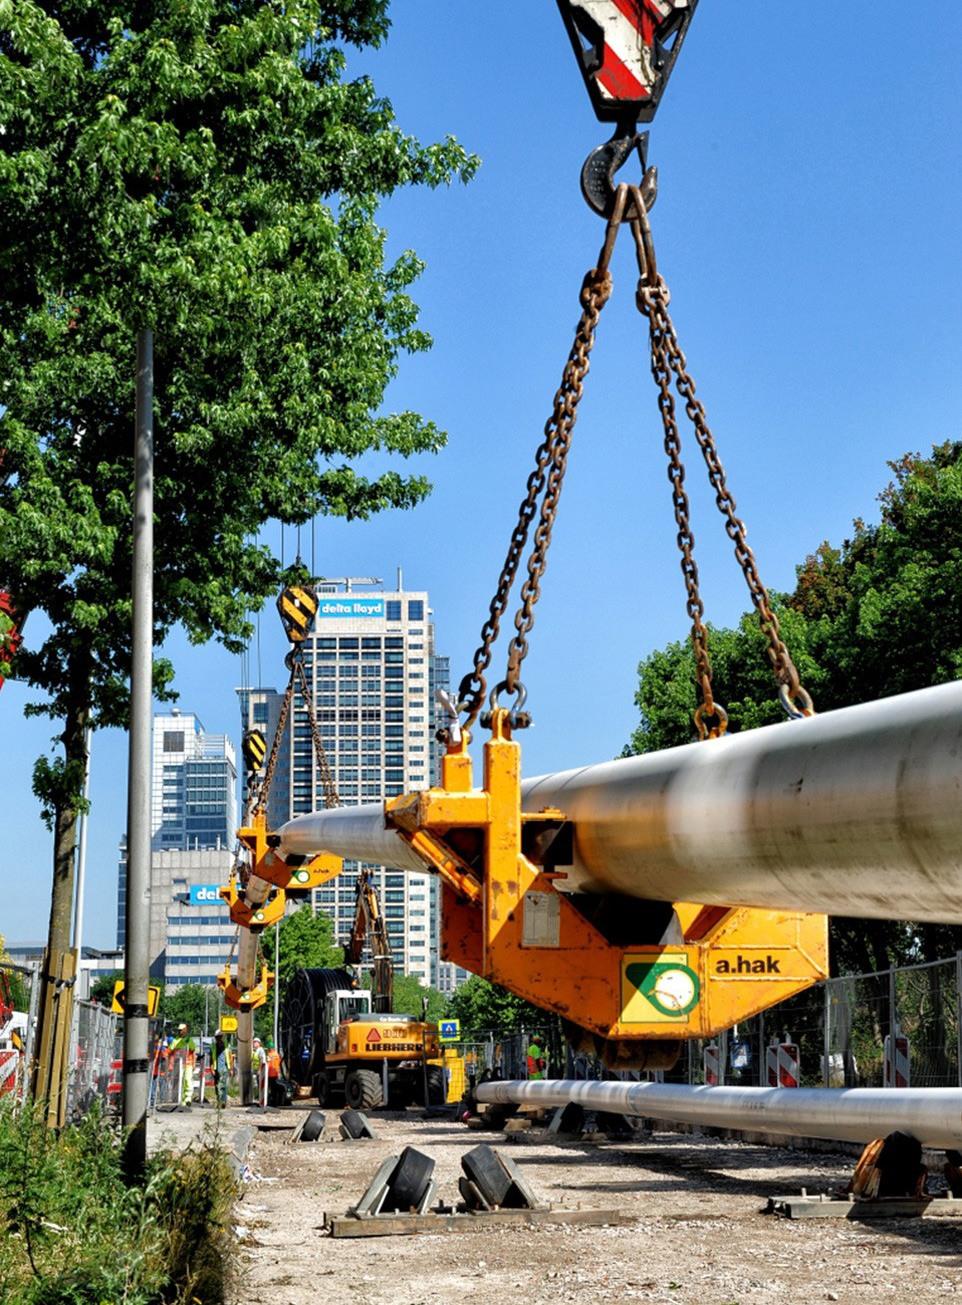 onze-rol-pipeliner (1)